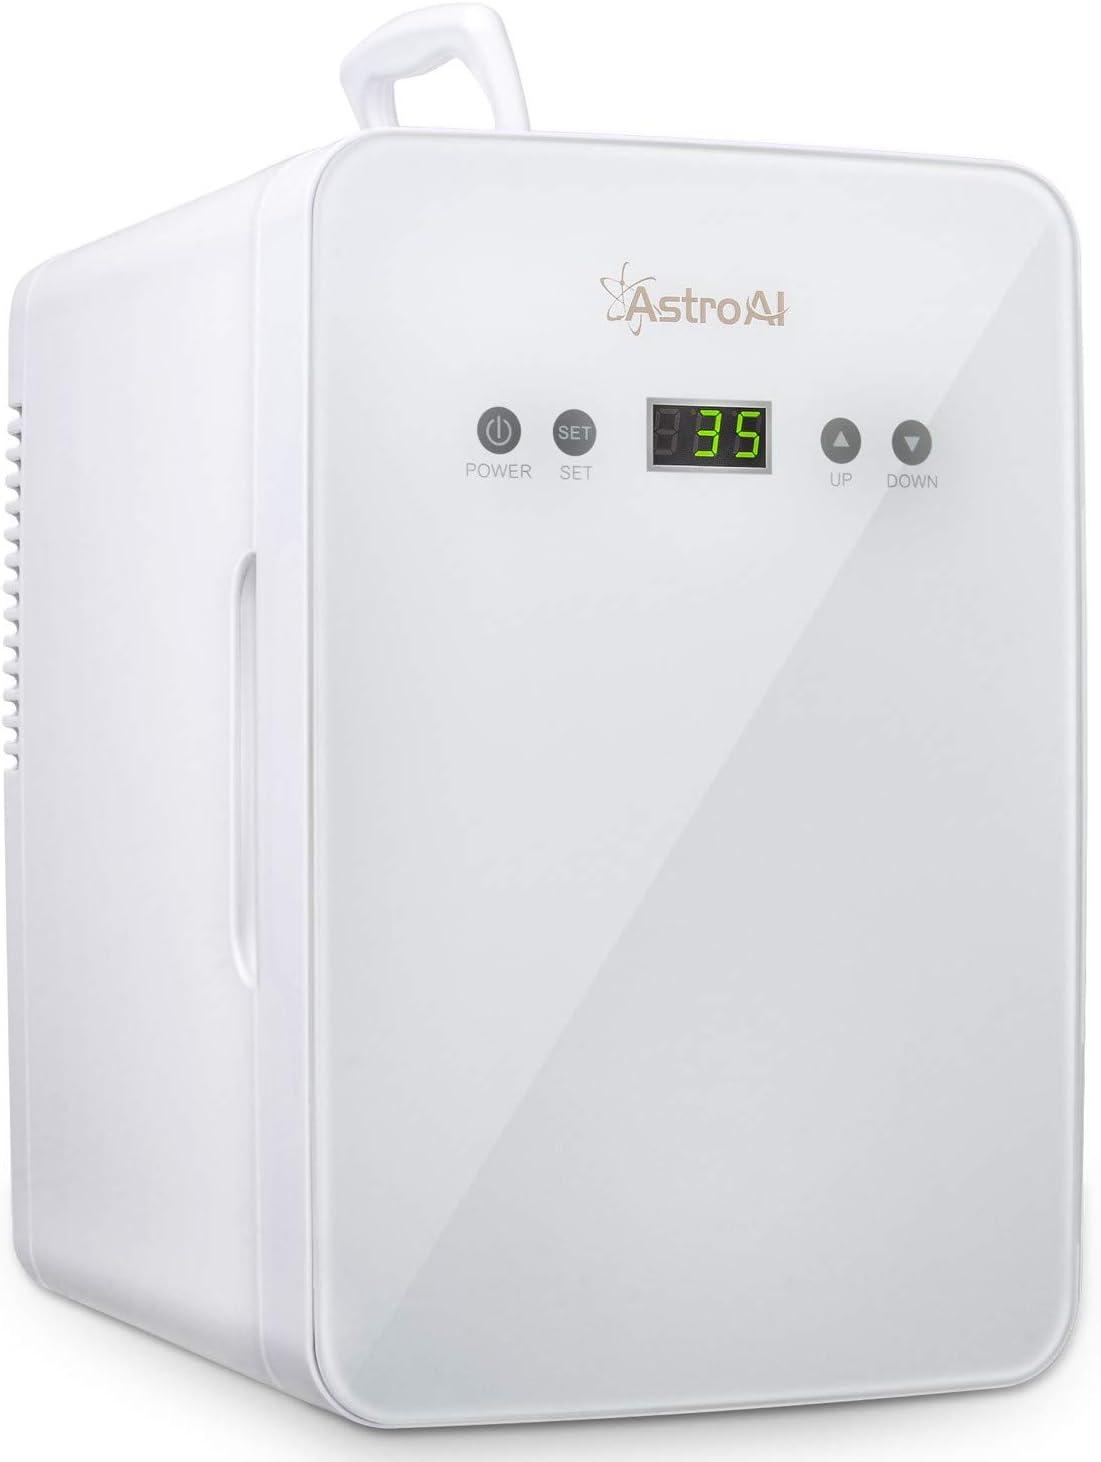 AstroAI 6L Mini Nevera Pequeña Portátil 12 V/220 V para Coche y Casa, Tanto en Frío Como en Calor 0-66°C Enfriamiento y calentamiento (blanco)